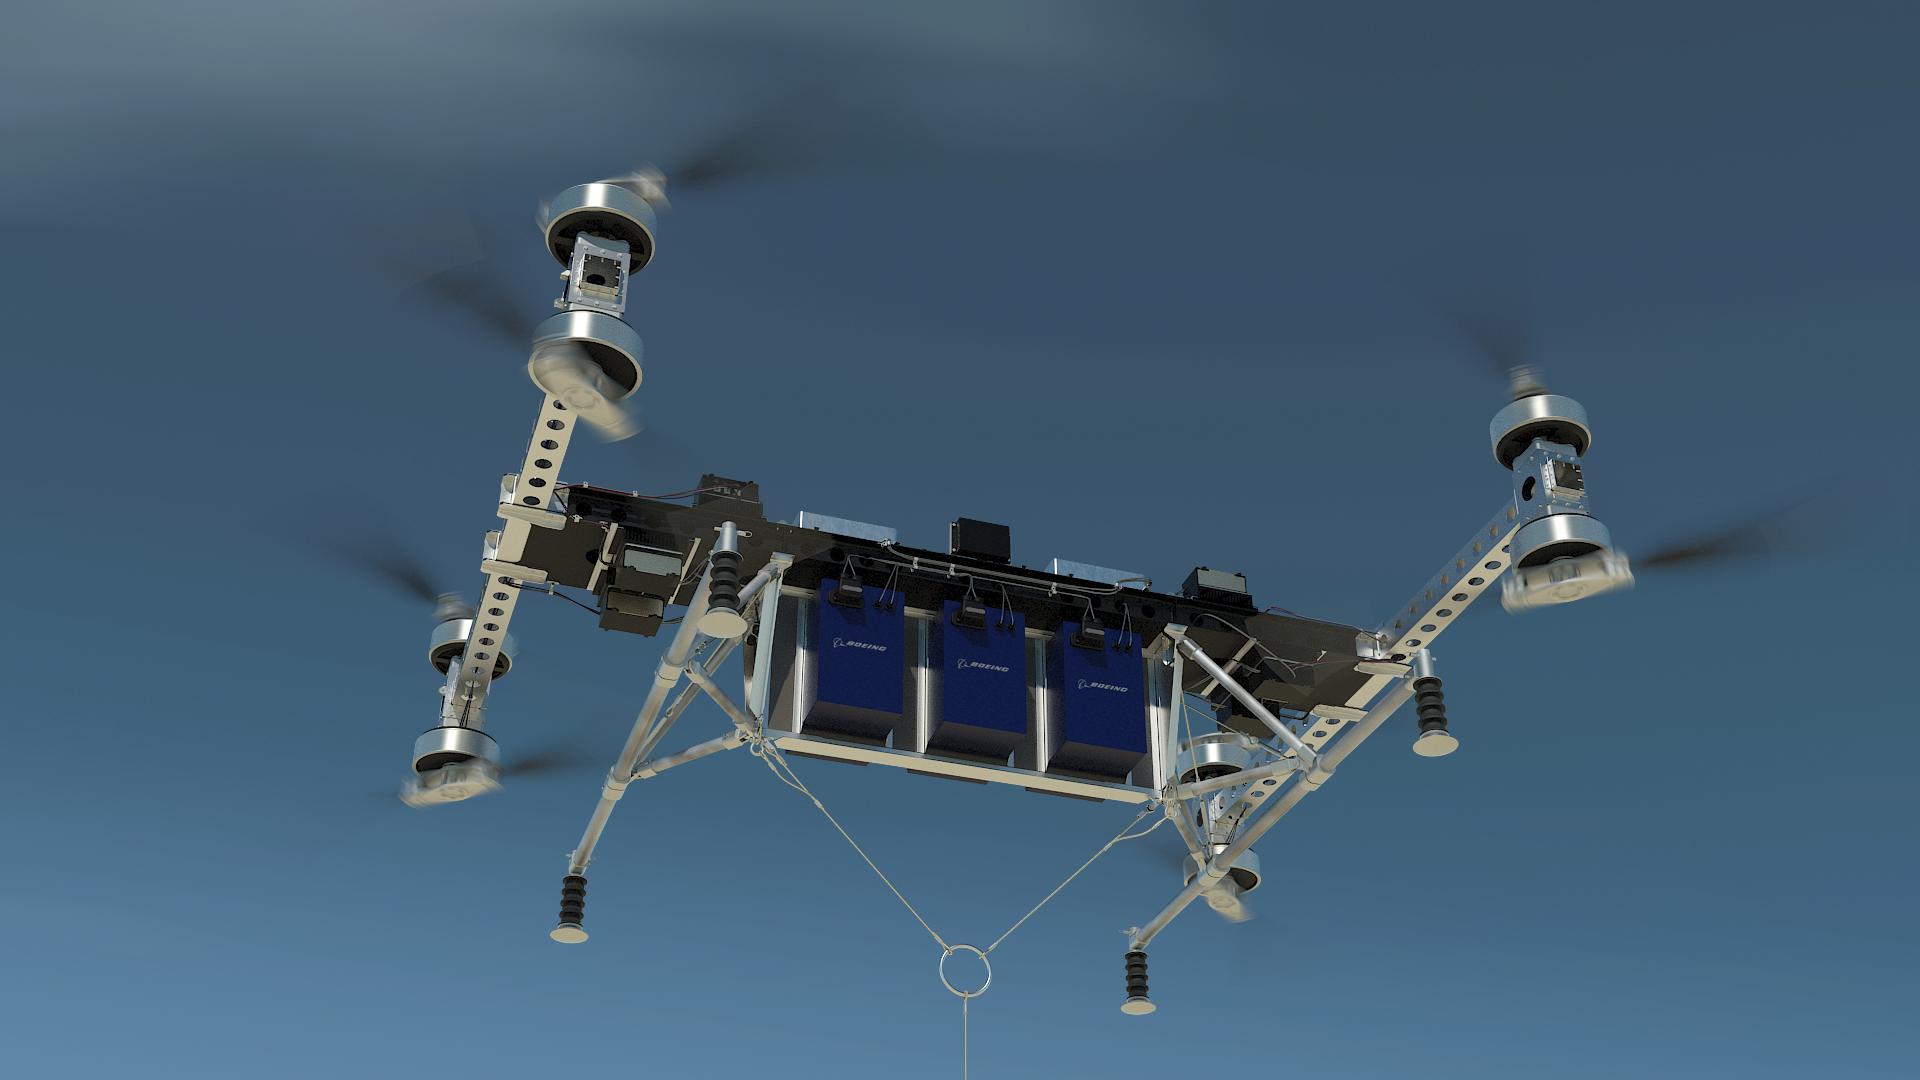 Boeing drone in flight